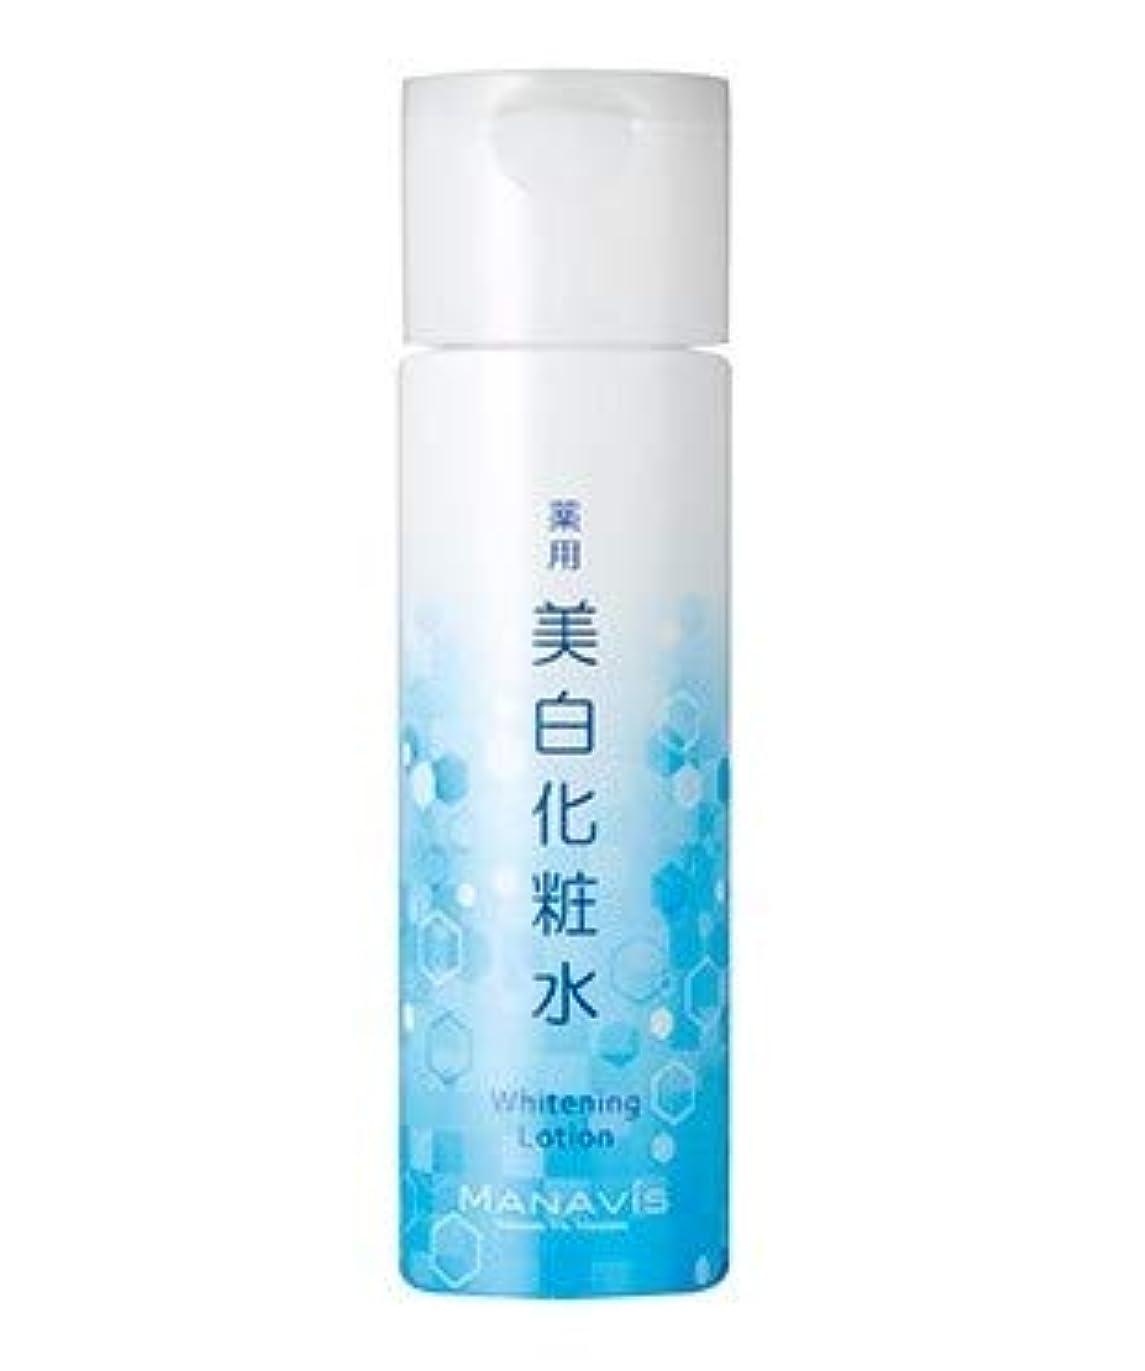 持っている検出器不振限定品 マナビス 薬用 美白化粧水 120ml MANAVIS 化粧水 マナビス化粧品 薬用美白化粧水